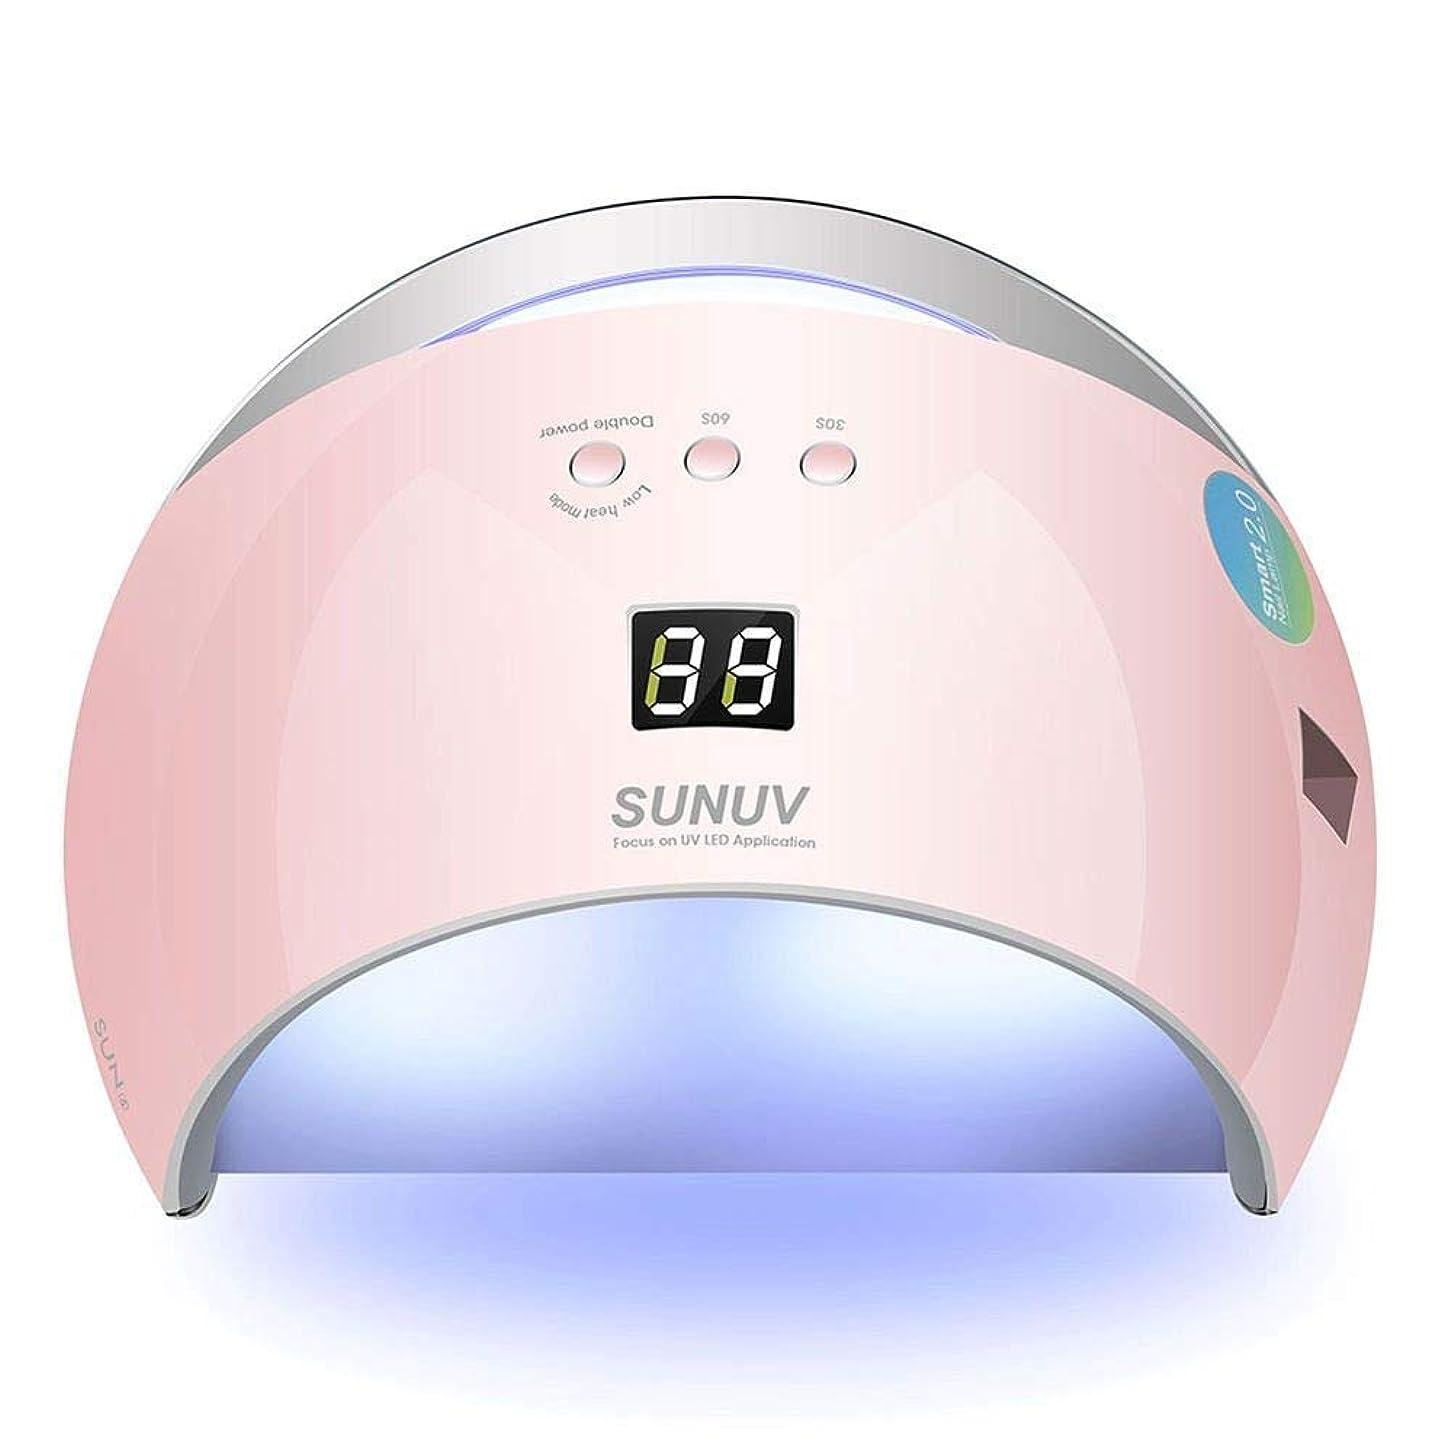 ごちそう比喩お別れネイルドライヤーSUN6 48WネイルドライヤーオートセンサーポータブルUVランプ乾燥用低発熱モデルダブルパワーファストマニキュアネイルランプ、画像としての色